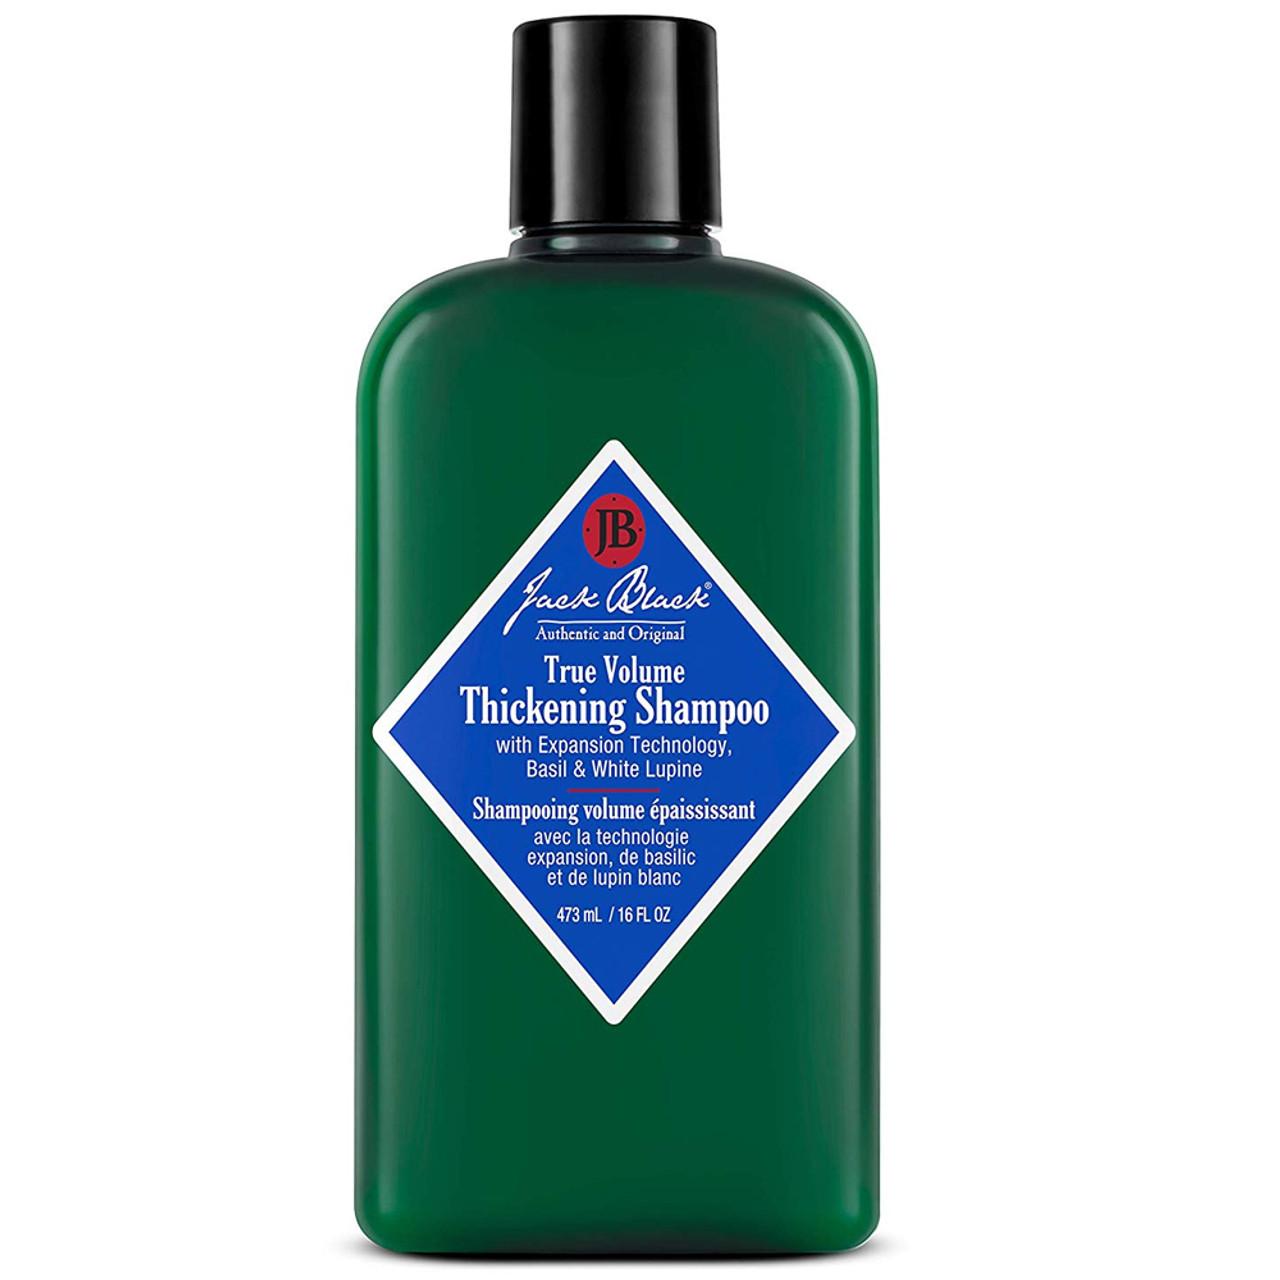 Jack Black True Volume Thickening Shampoo BeautifiedYou.com